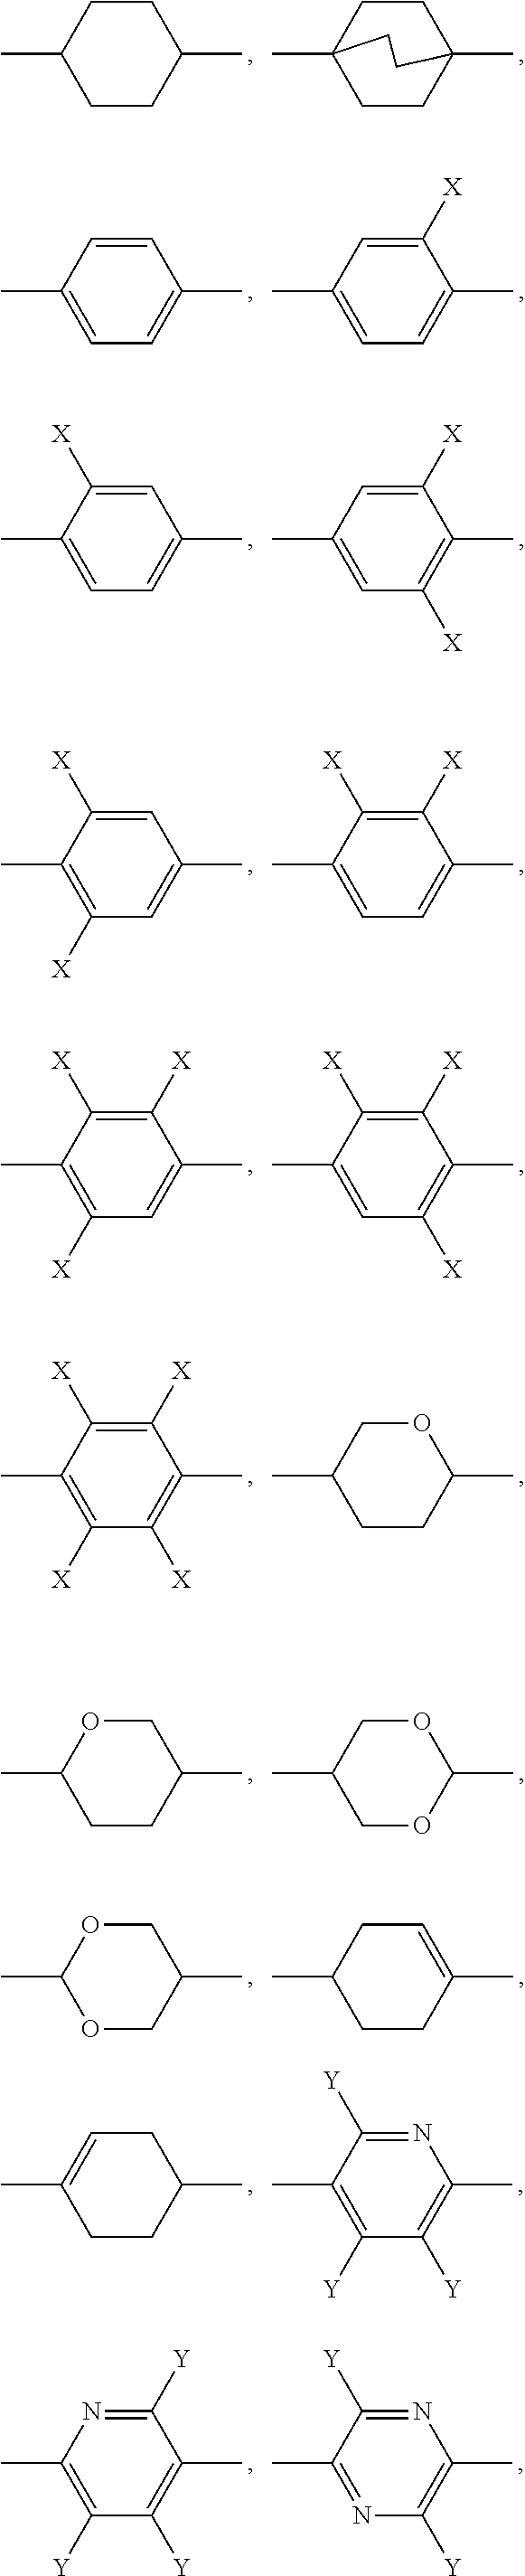 Figure US20130208227A1-20130815-C00339